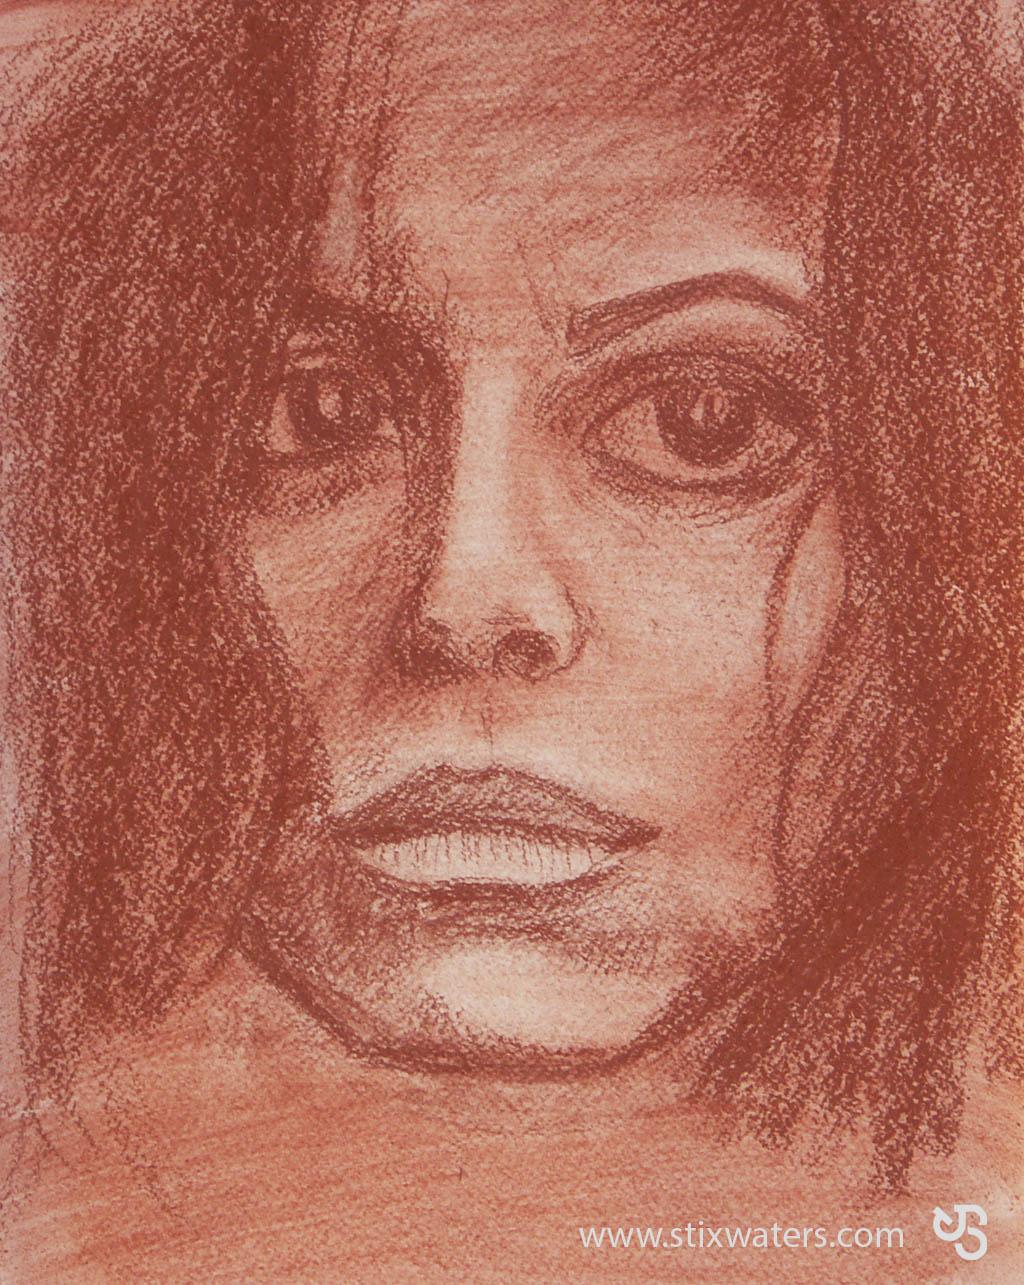 Face Sketch #3 by JStix